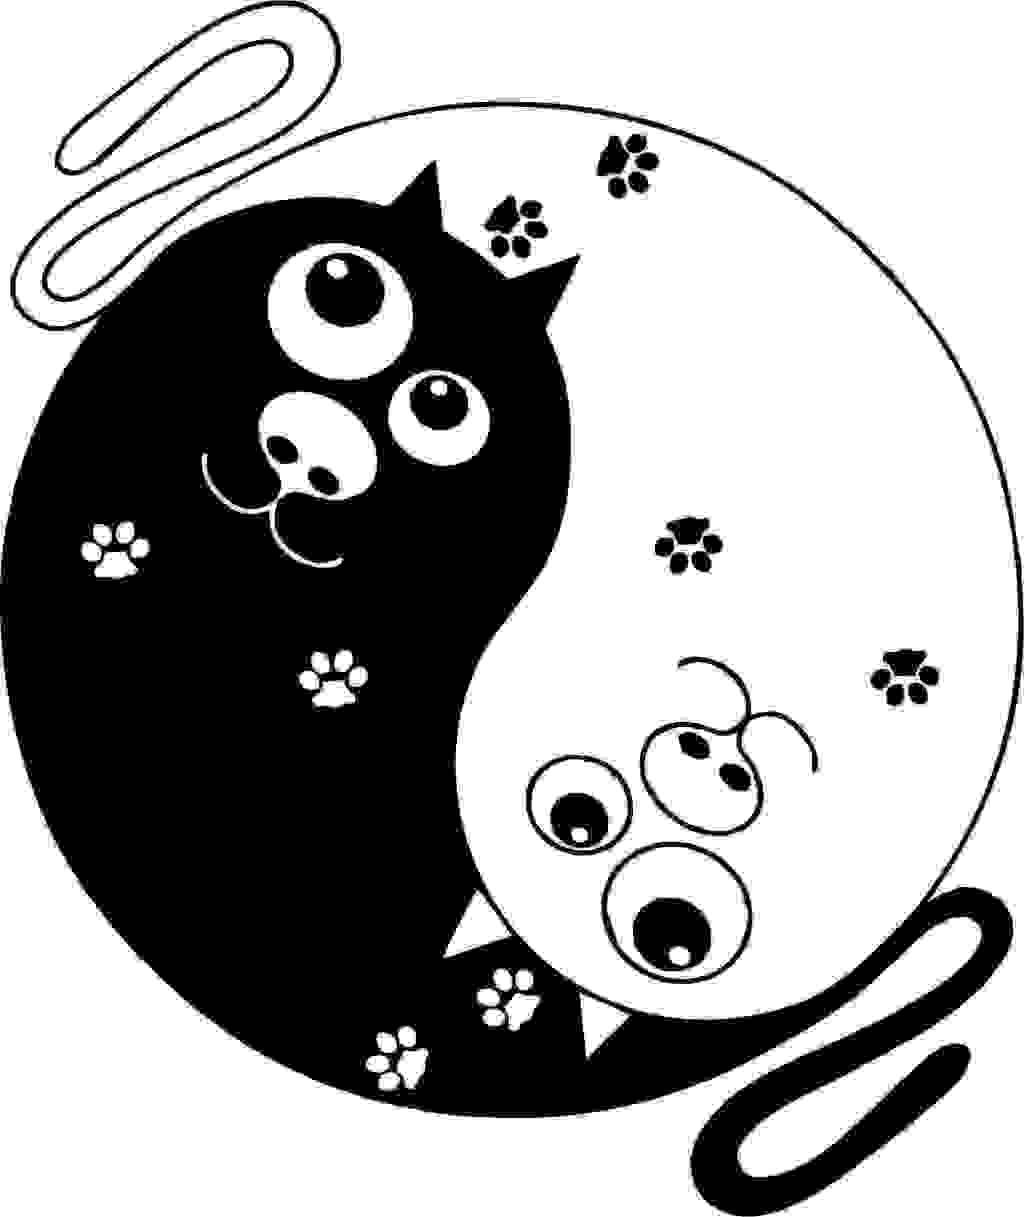 小猫免费下载 logo设计 动物素材 广告设计 海报设计 黑白 卡通人物